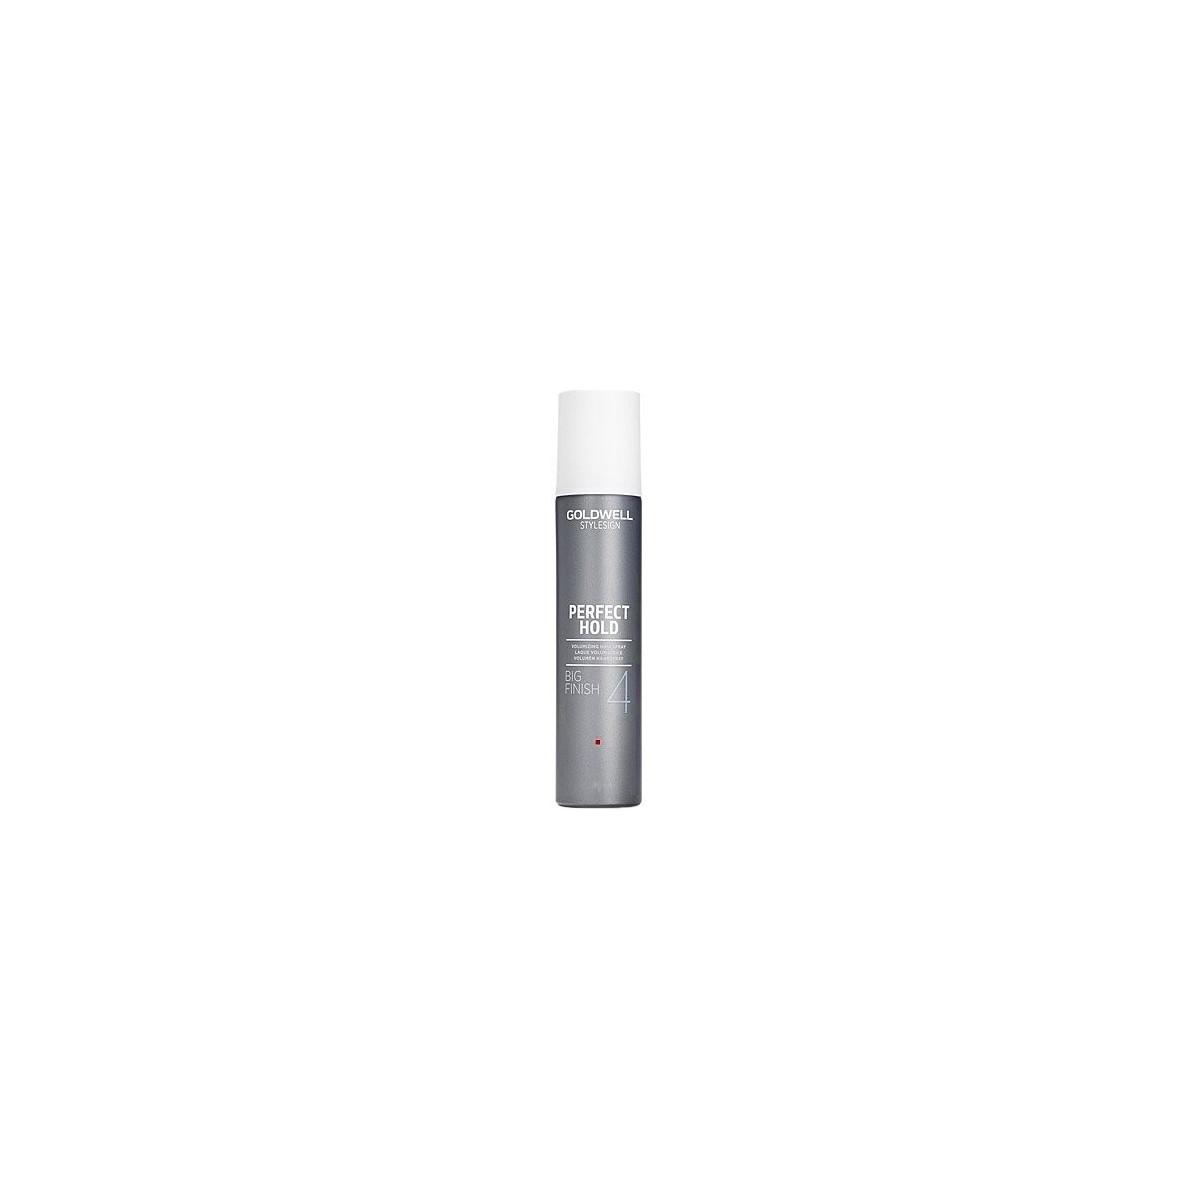 Goldwell Volume Big Finish Spray, Lakier chroniący kolor i dodający włosom objętości 300ml